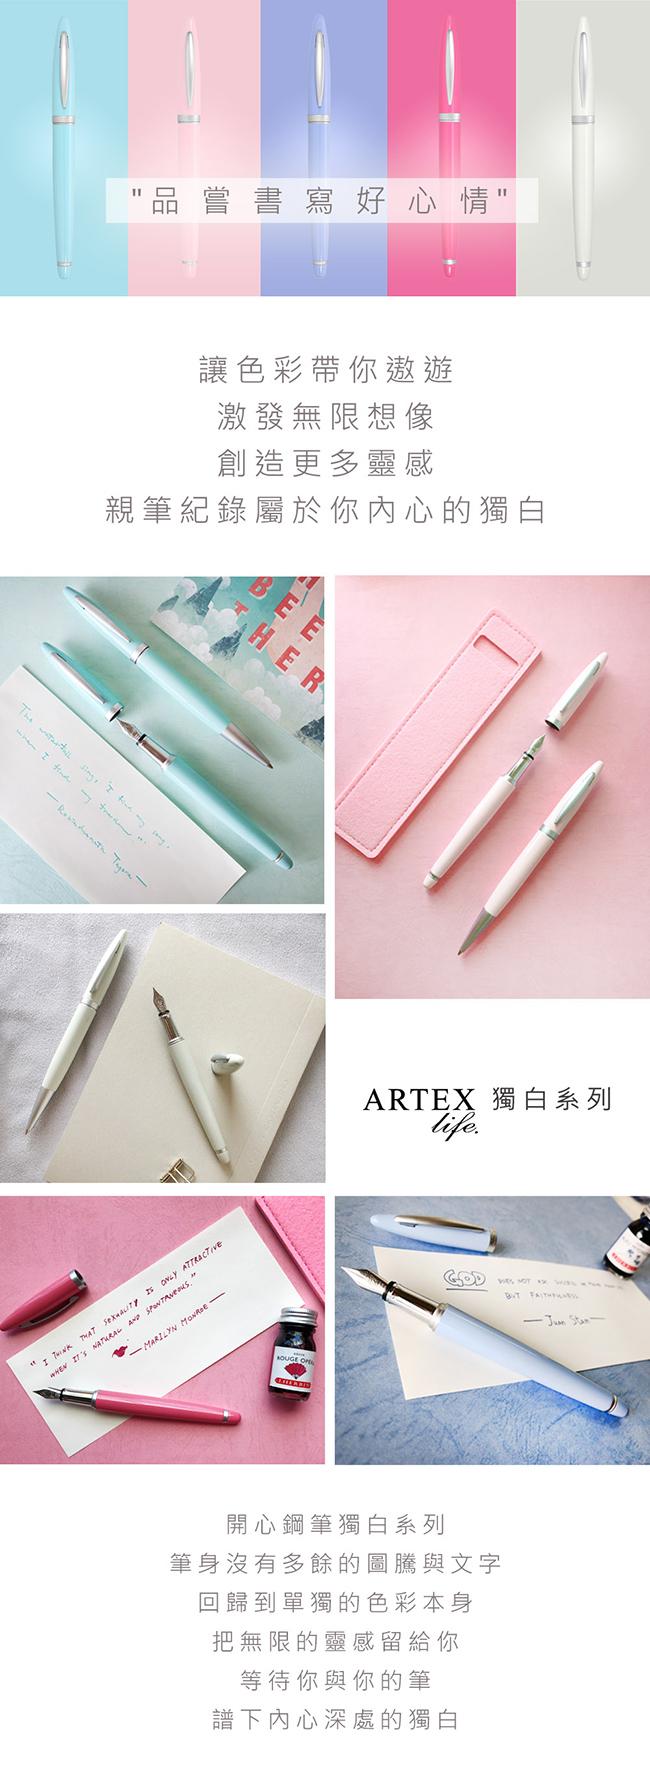 ARTEX| 開心鋼筆-窈窕淑女